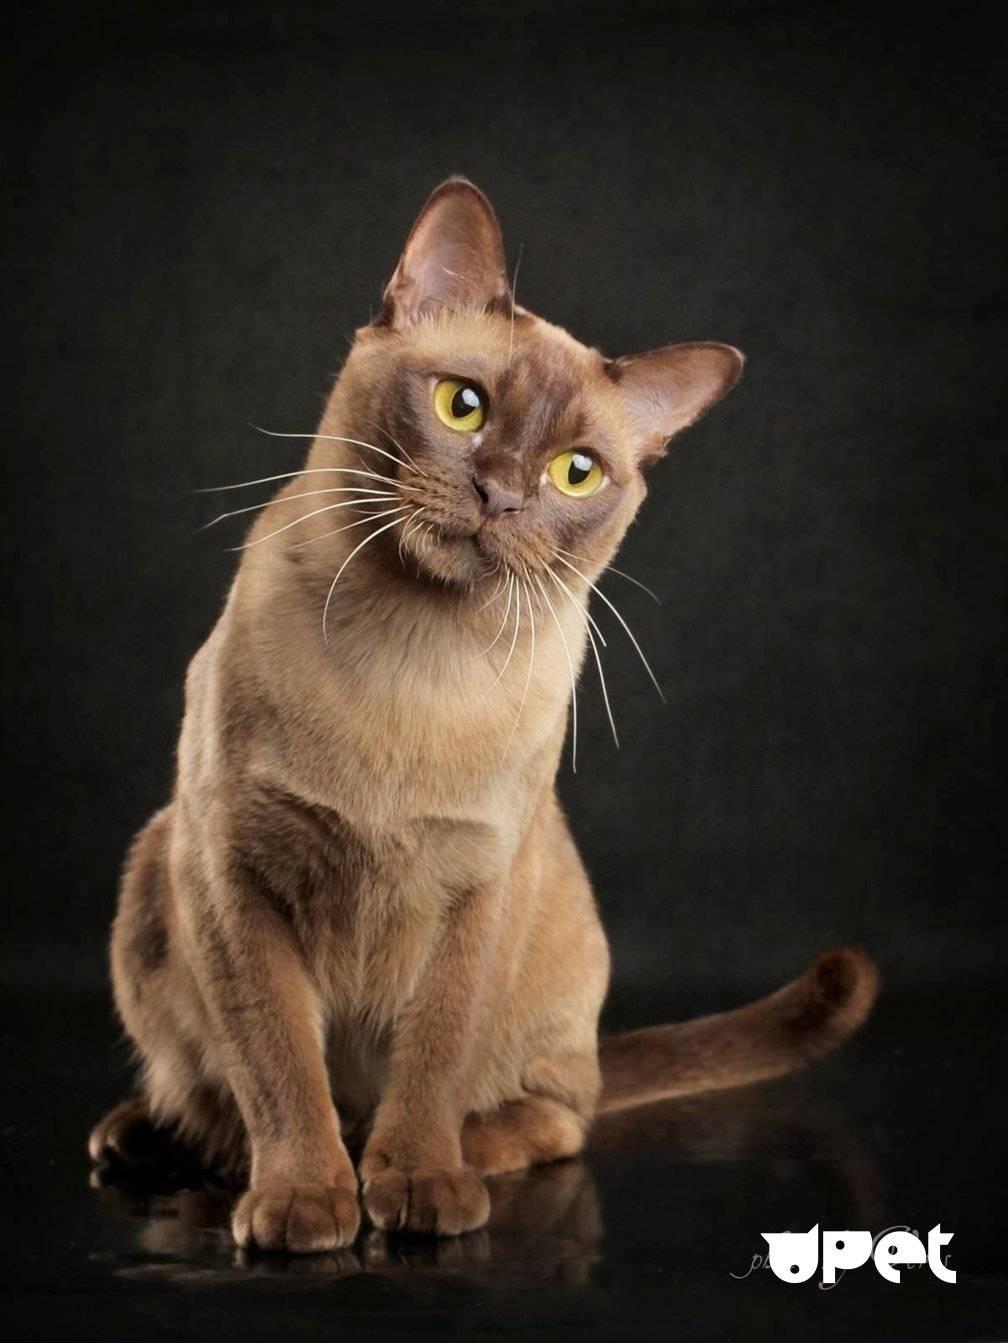 Бурманская кошка: описание породы и характера, стоимость, отзывы